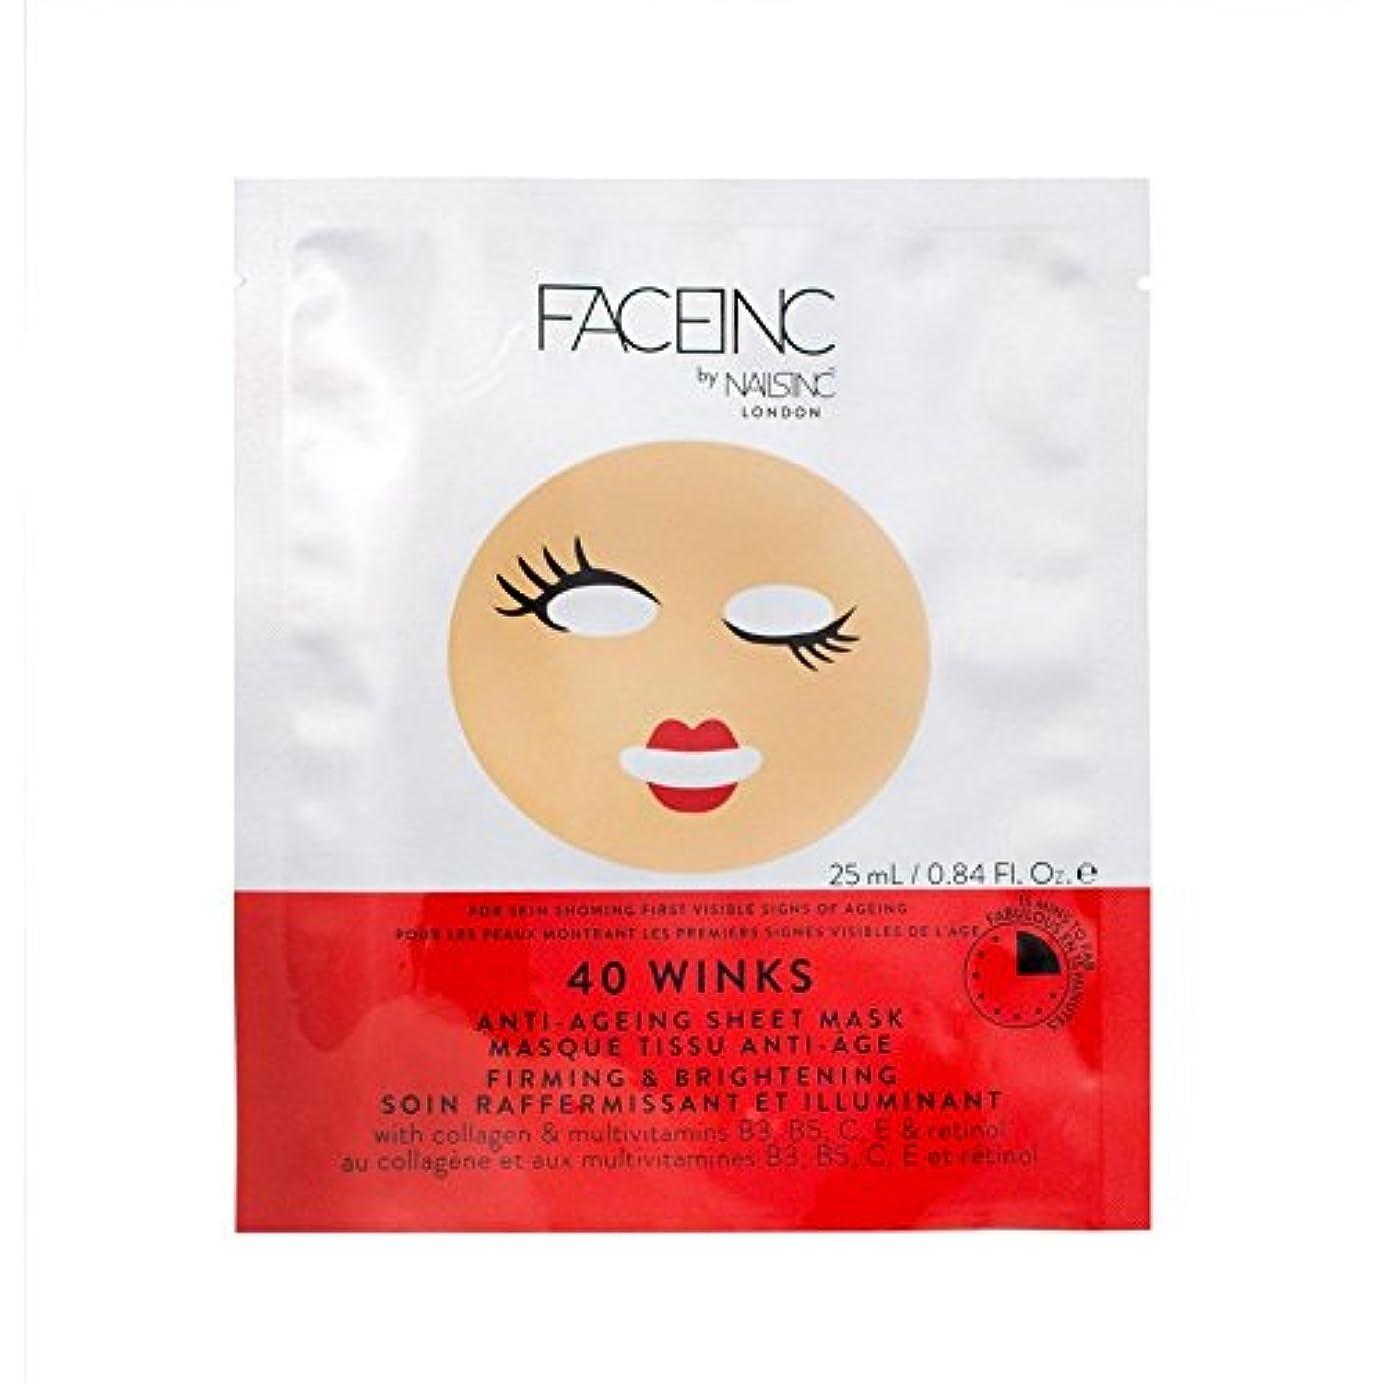 一回ピグマリオンショット爪が株式会社顔株式会社40のウィンクは、マスク x4 - Nails Inc. Face Inc 40 Winks Mask (Pack of 4) [並行輸入品]